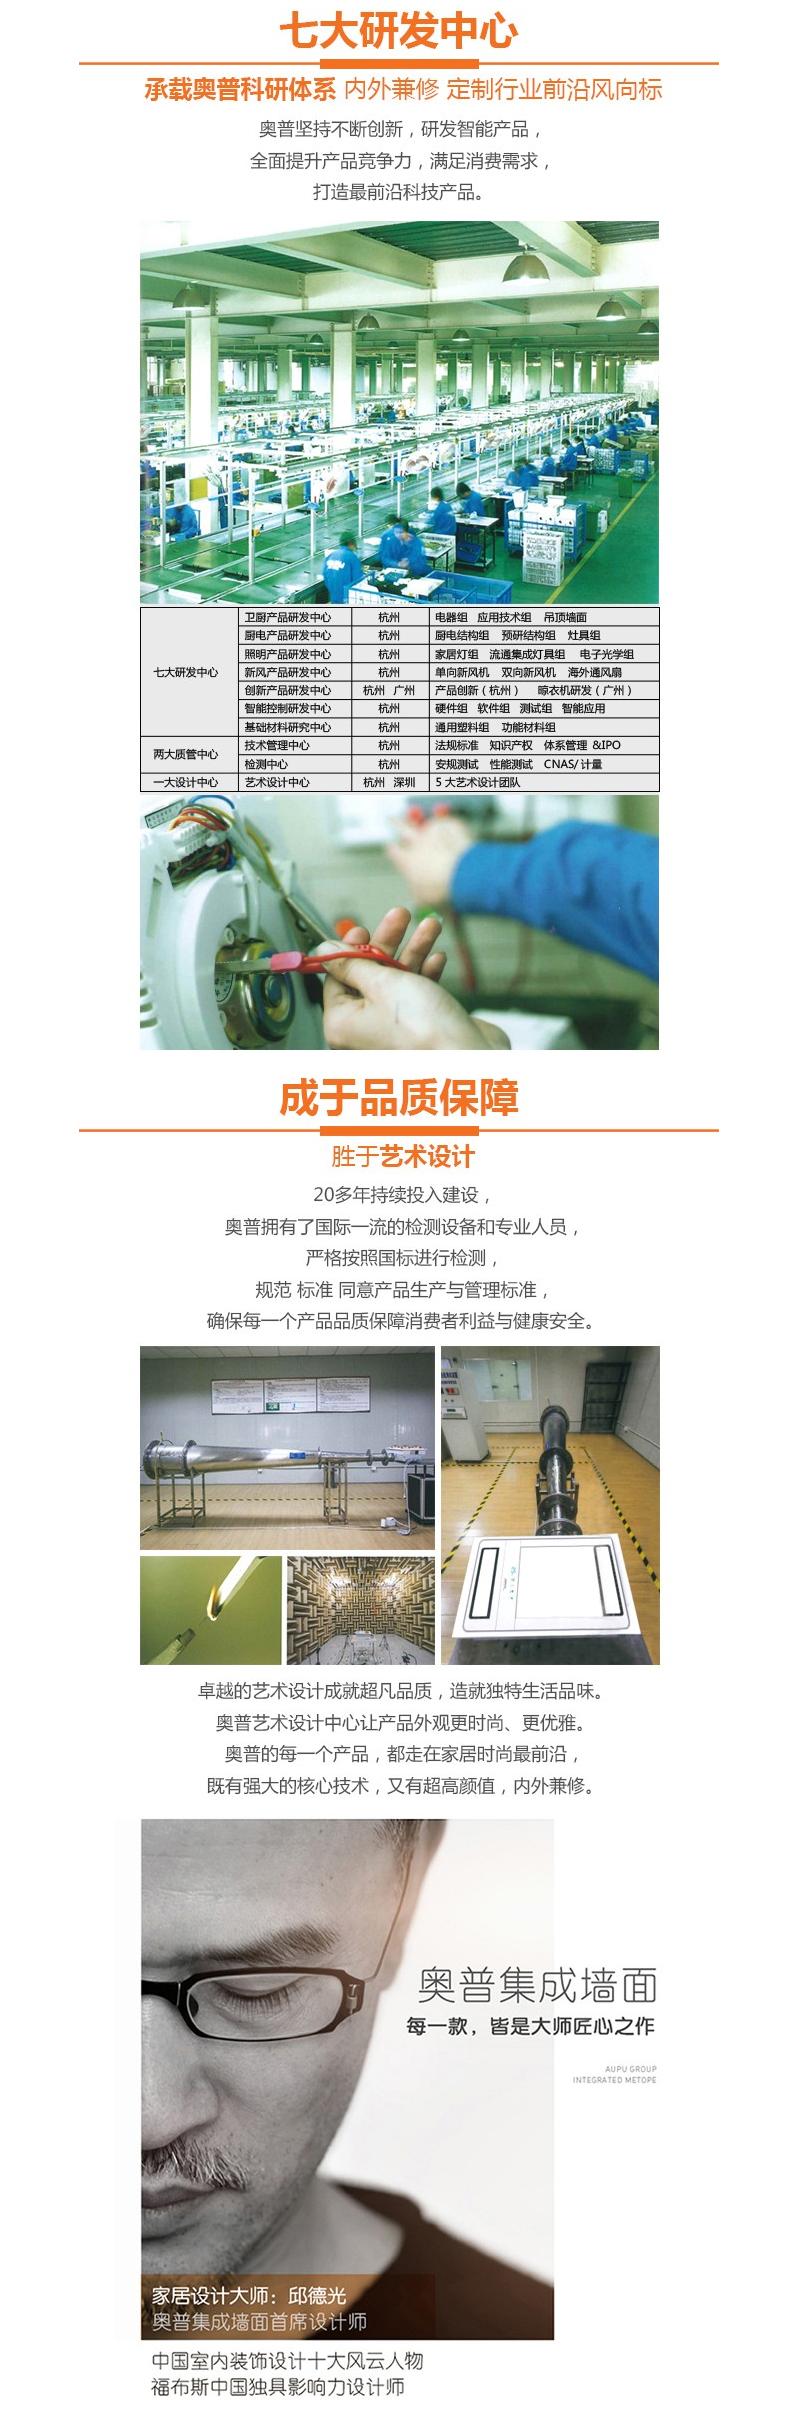 奥普地产工程截图文章2020-5-6_06